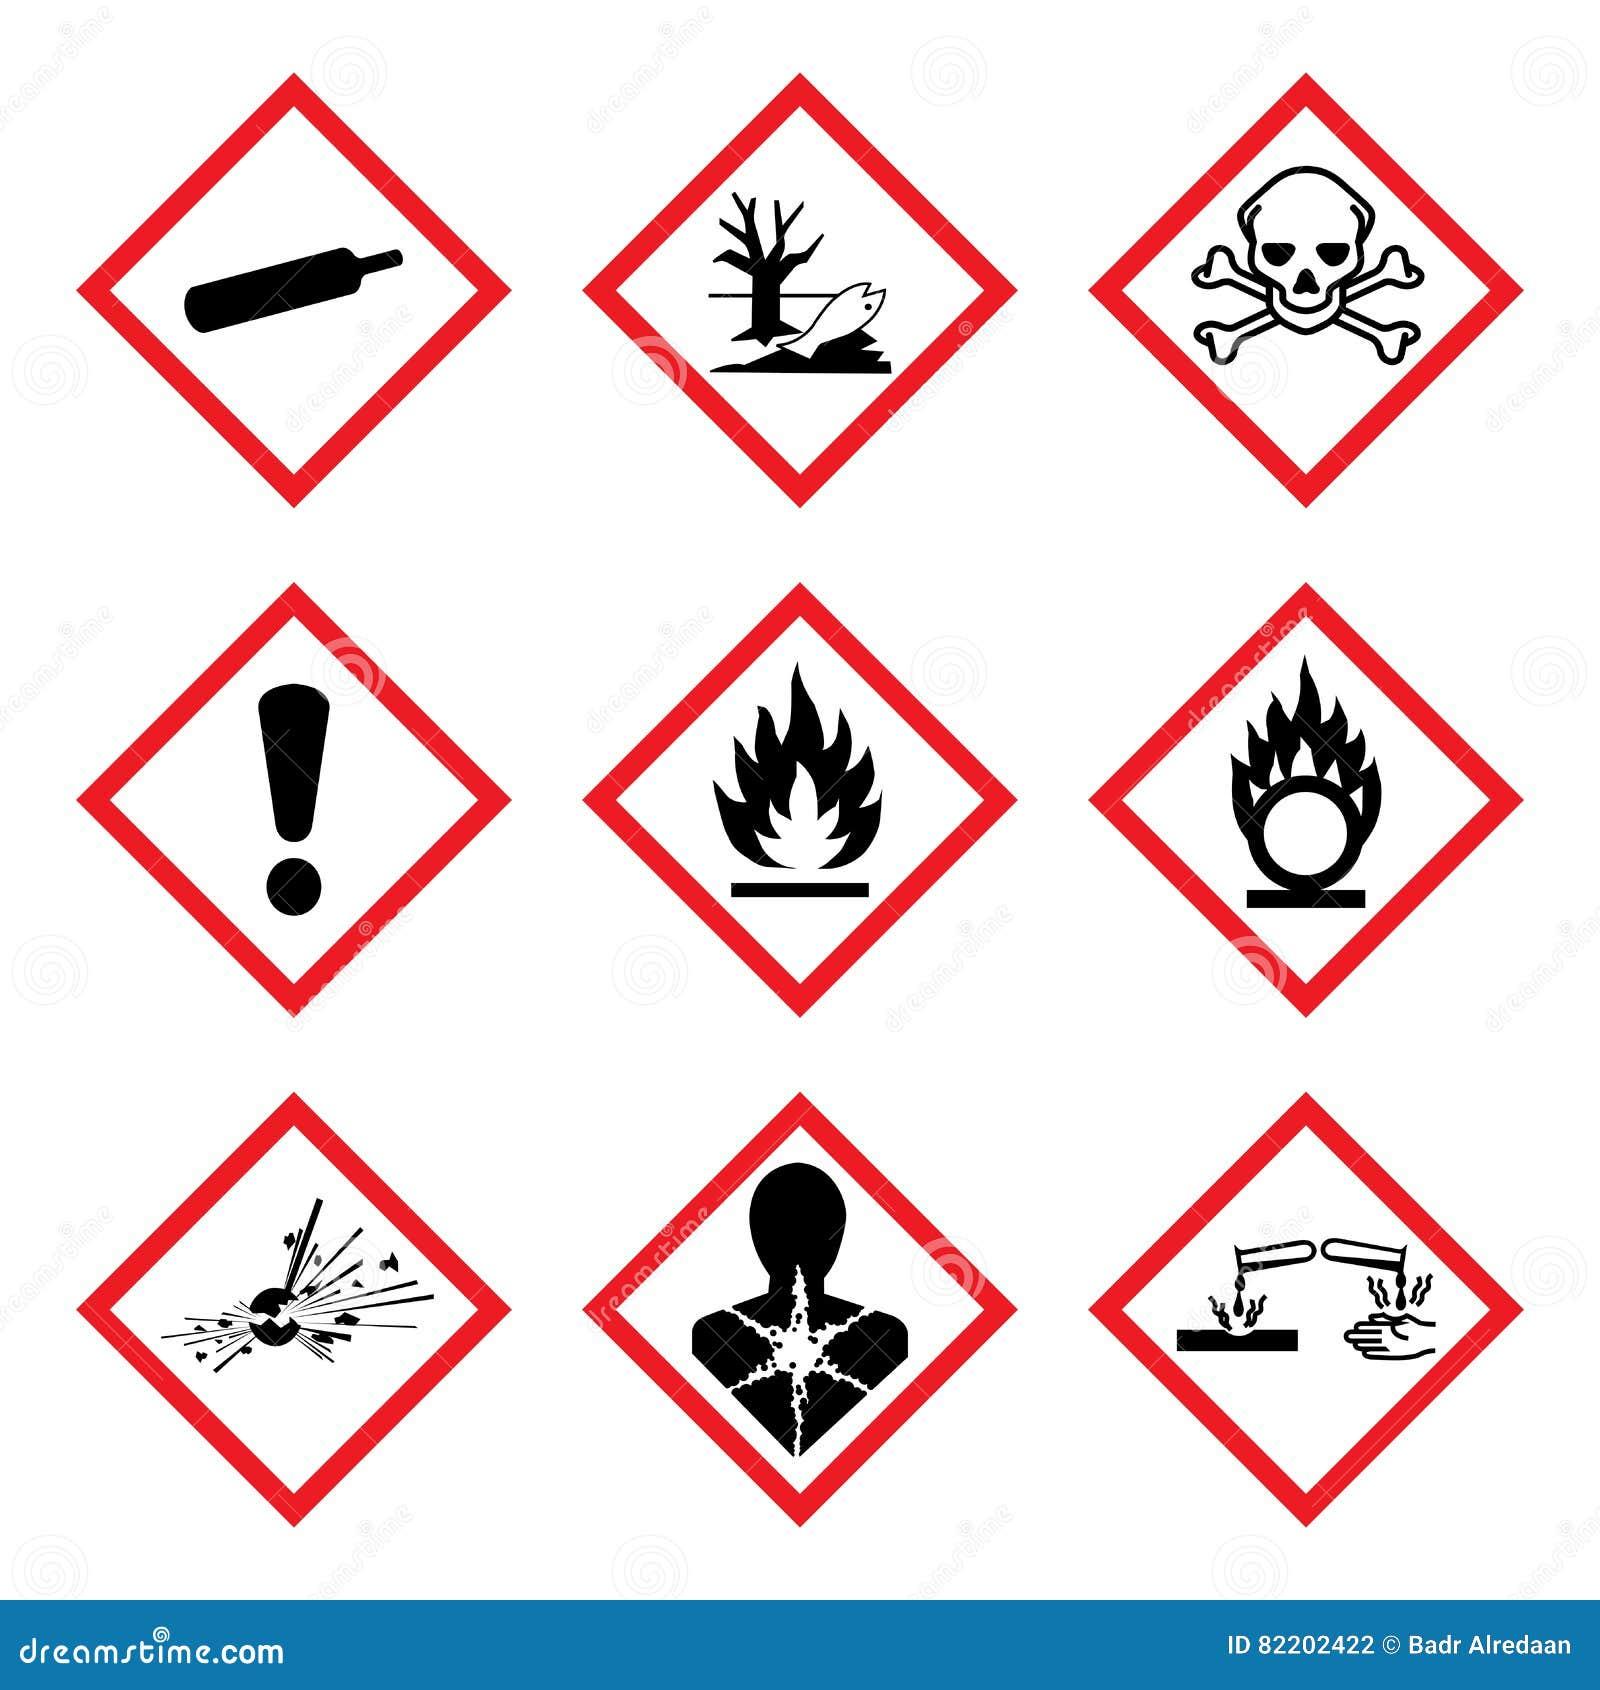 Pictograma novo do perigo de GHS 9 Sinal de aviso WHMIS do perigo, ilustração isolada do vetor